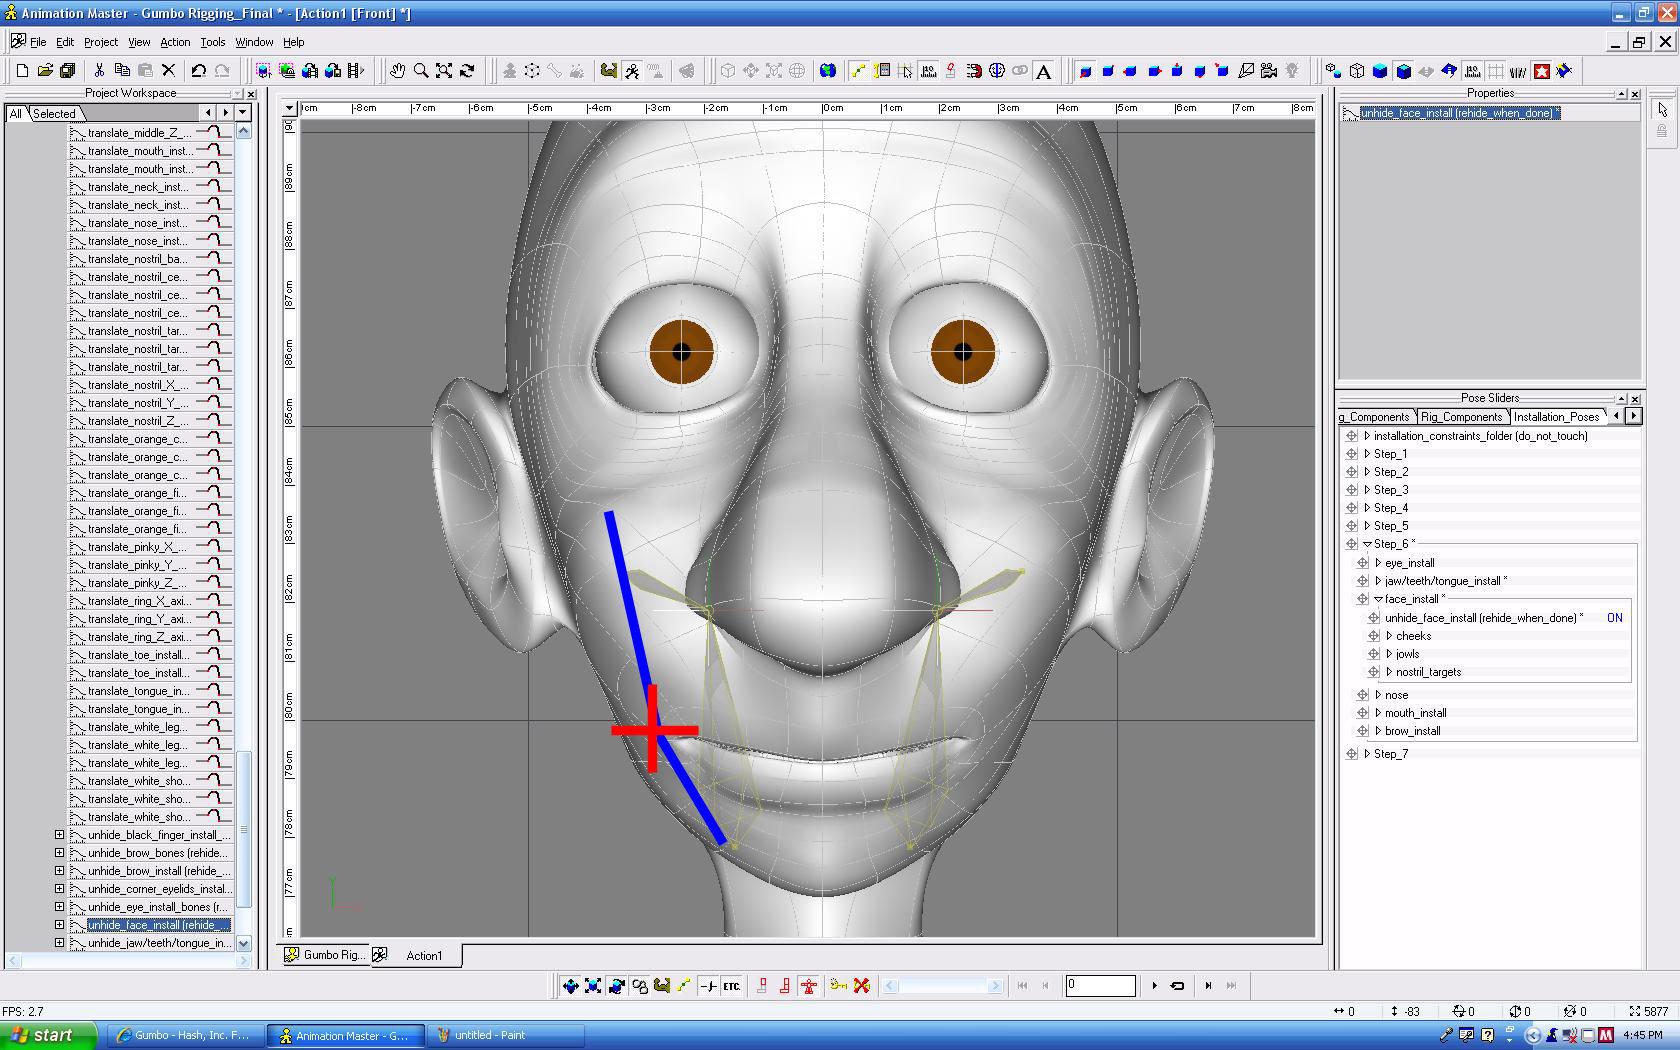 cheeks_jowel_nostrils_front_edit.jpg